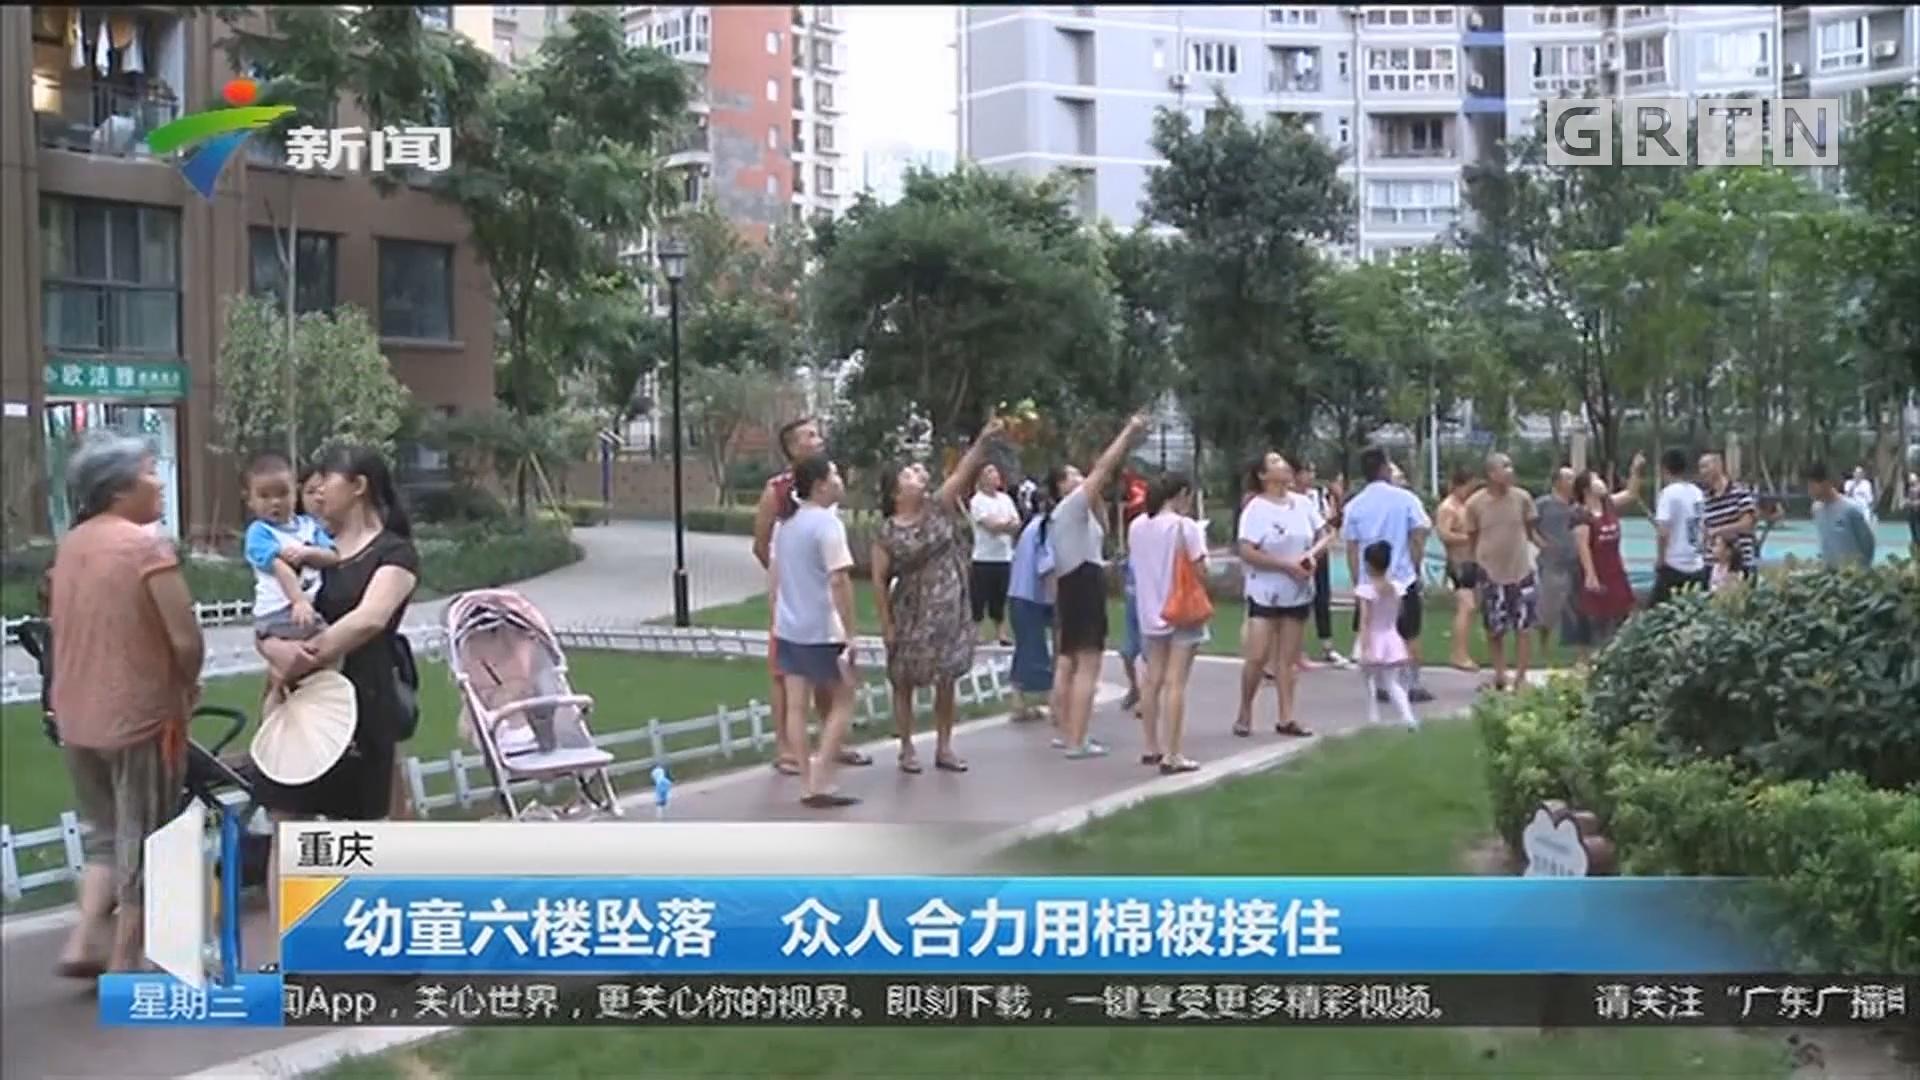 重庆:幼童六楼坠落 众人合力用棉被接住